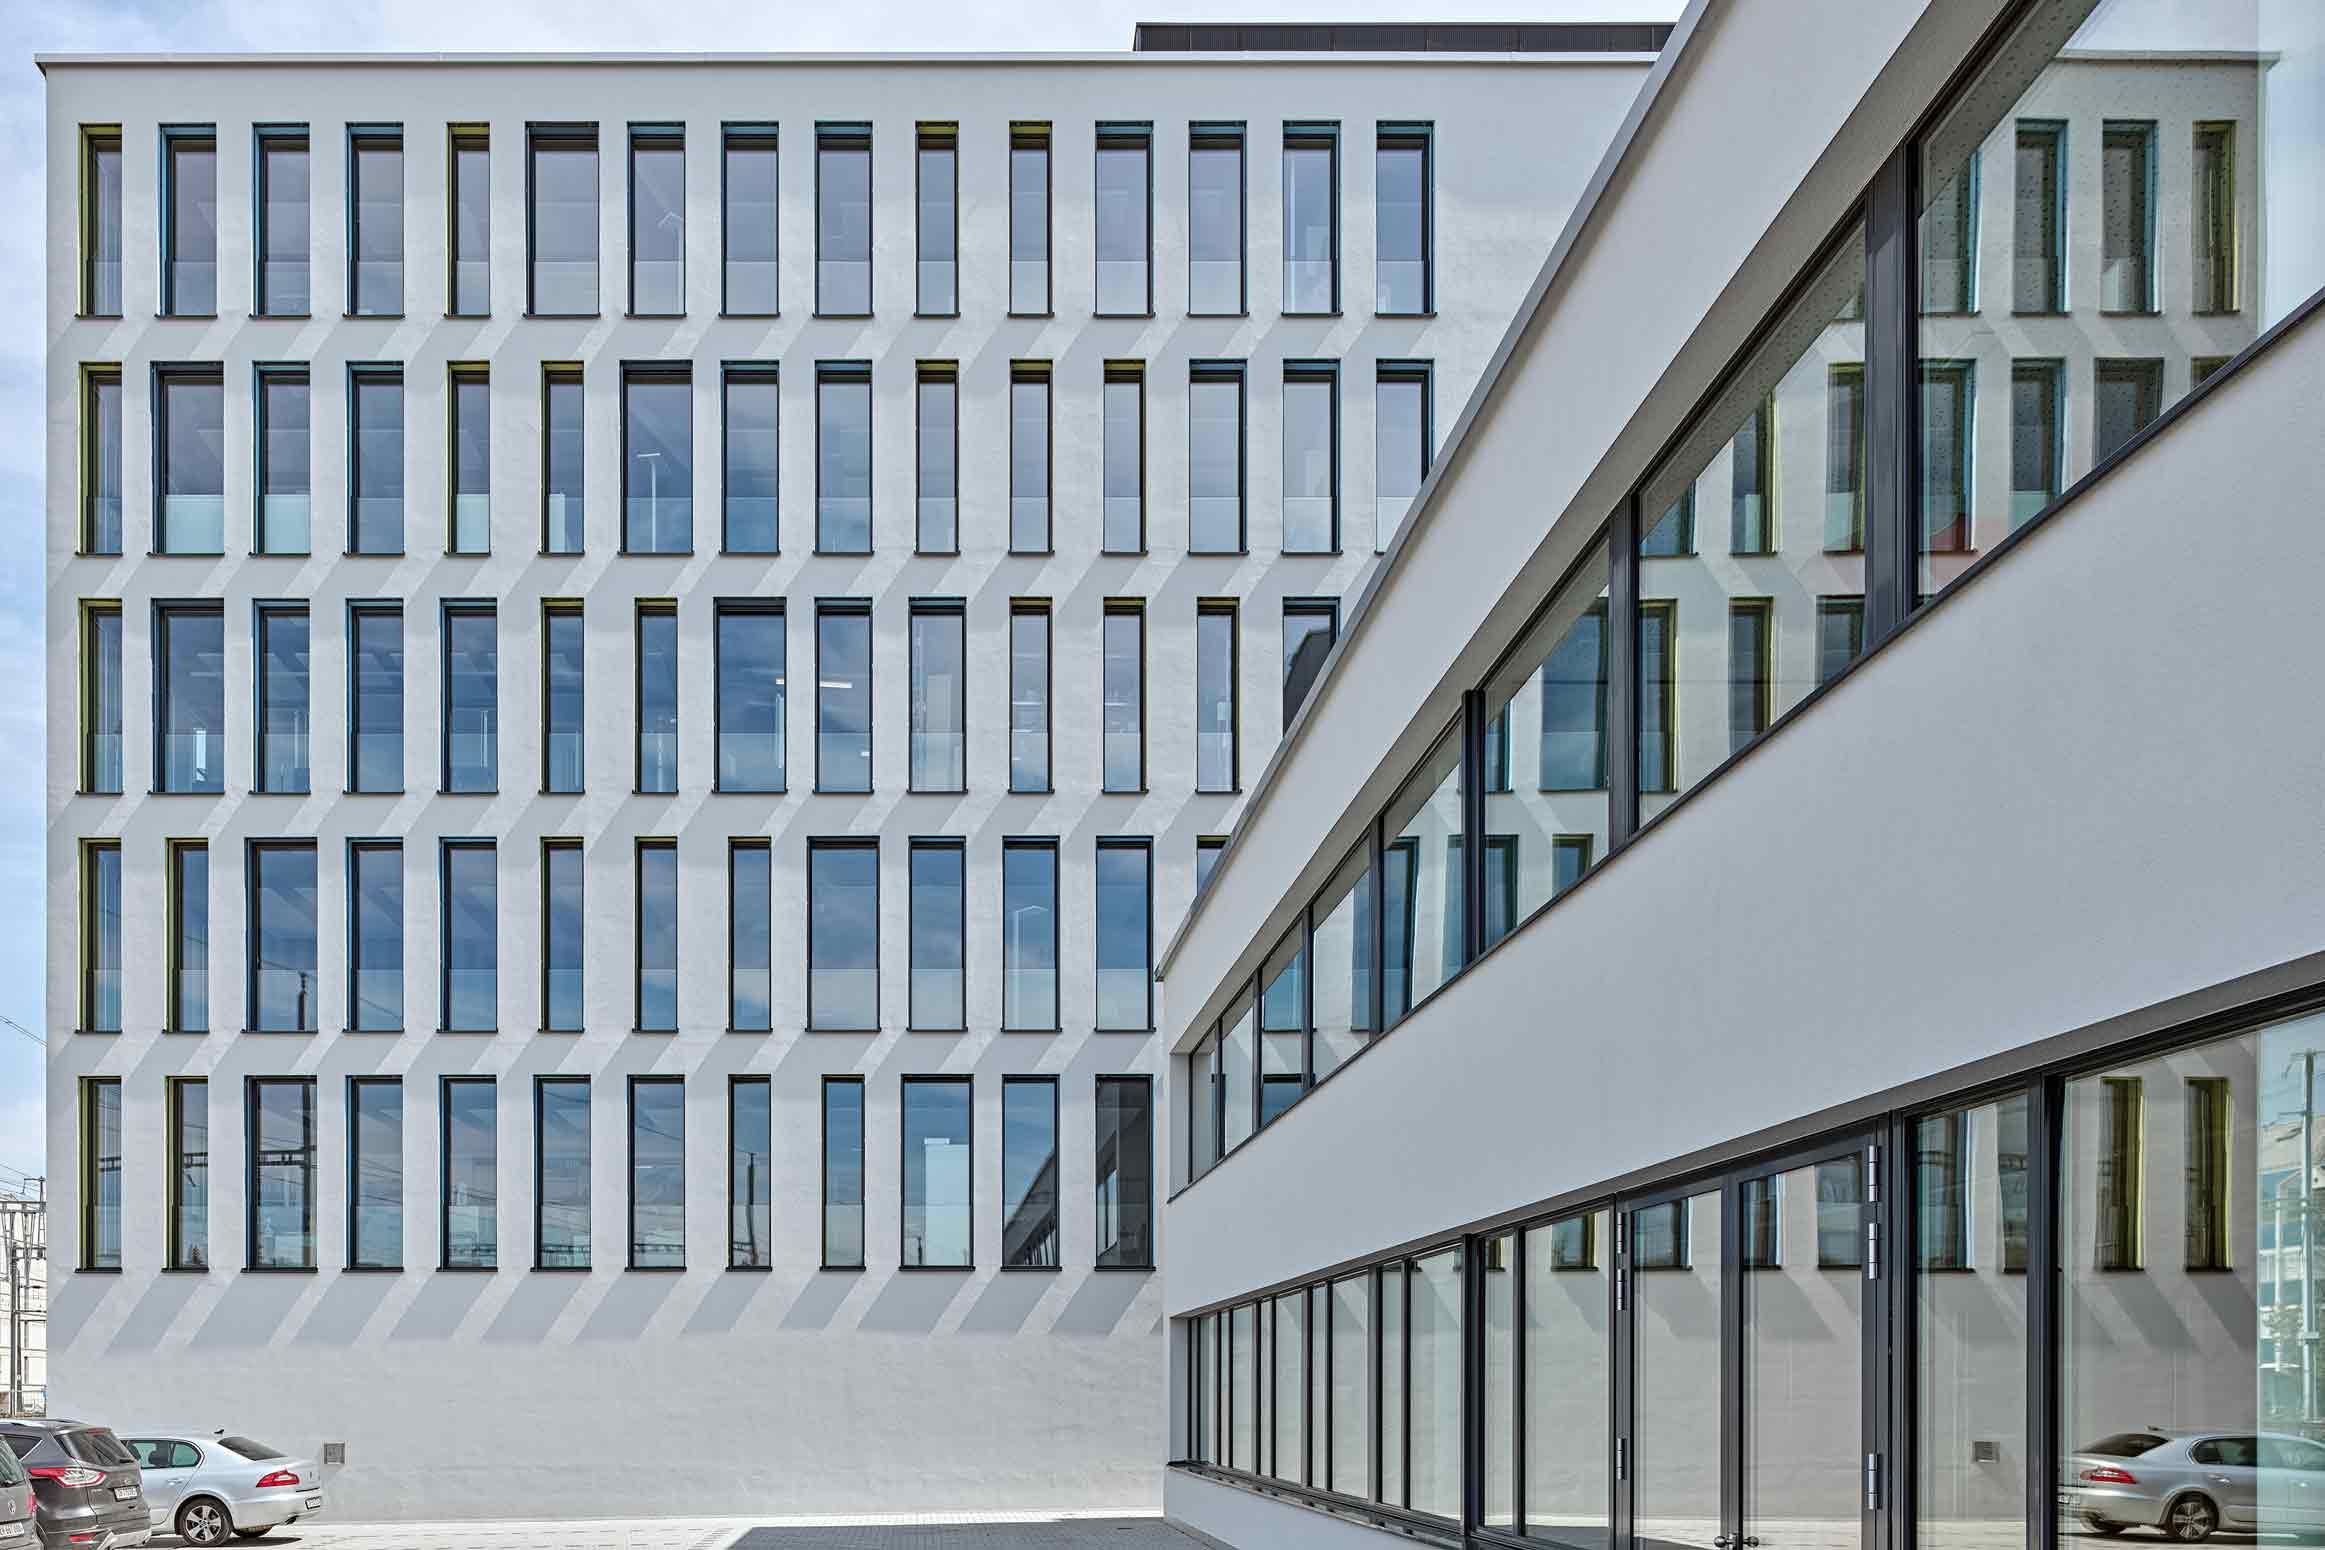 Fassade Baumanagement für SMGV, VSSM und Coiffure Suisse Wallisellen